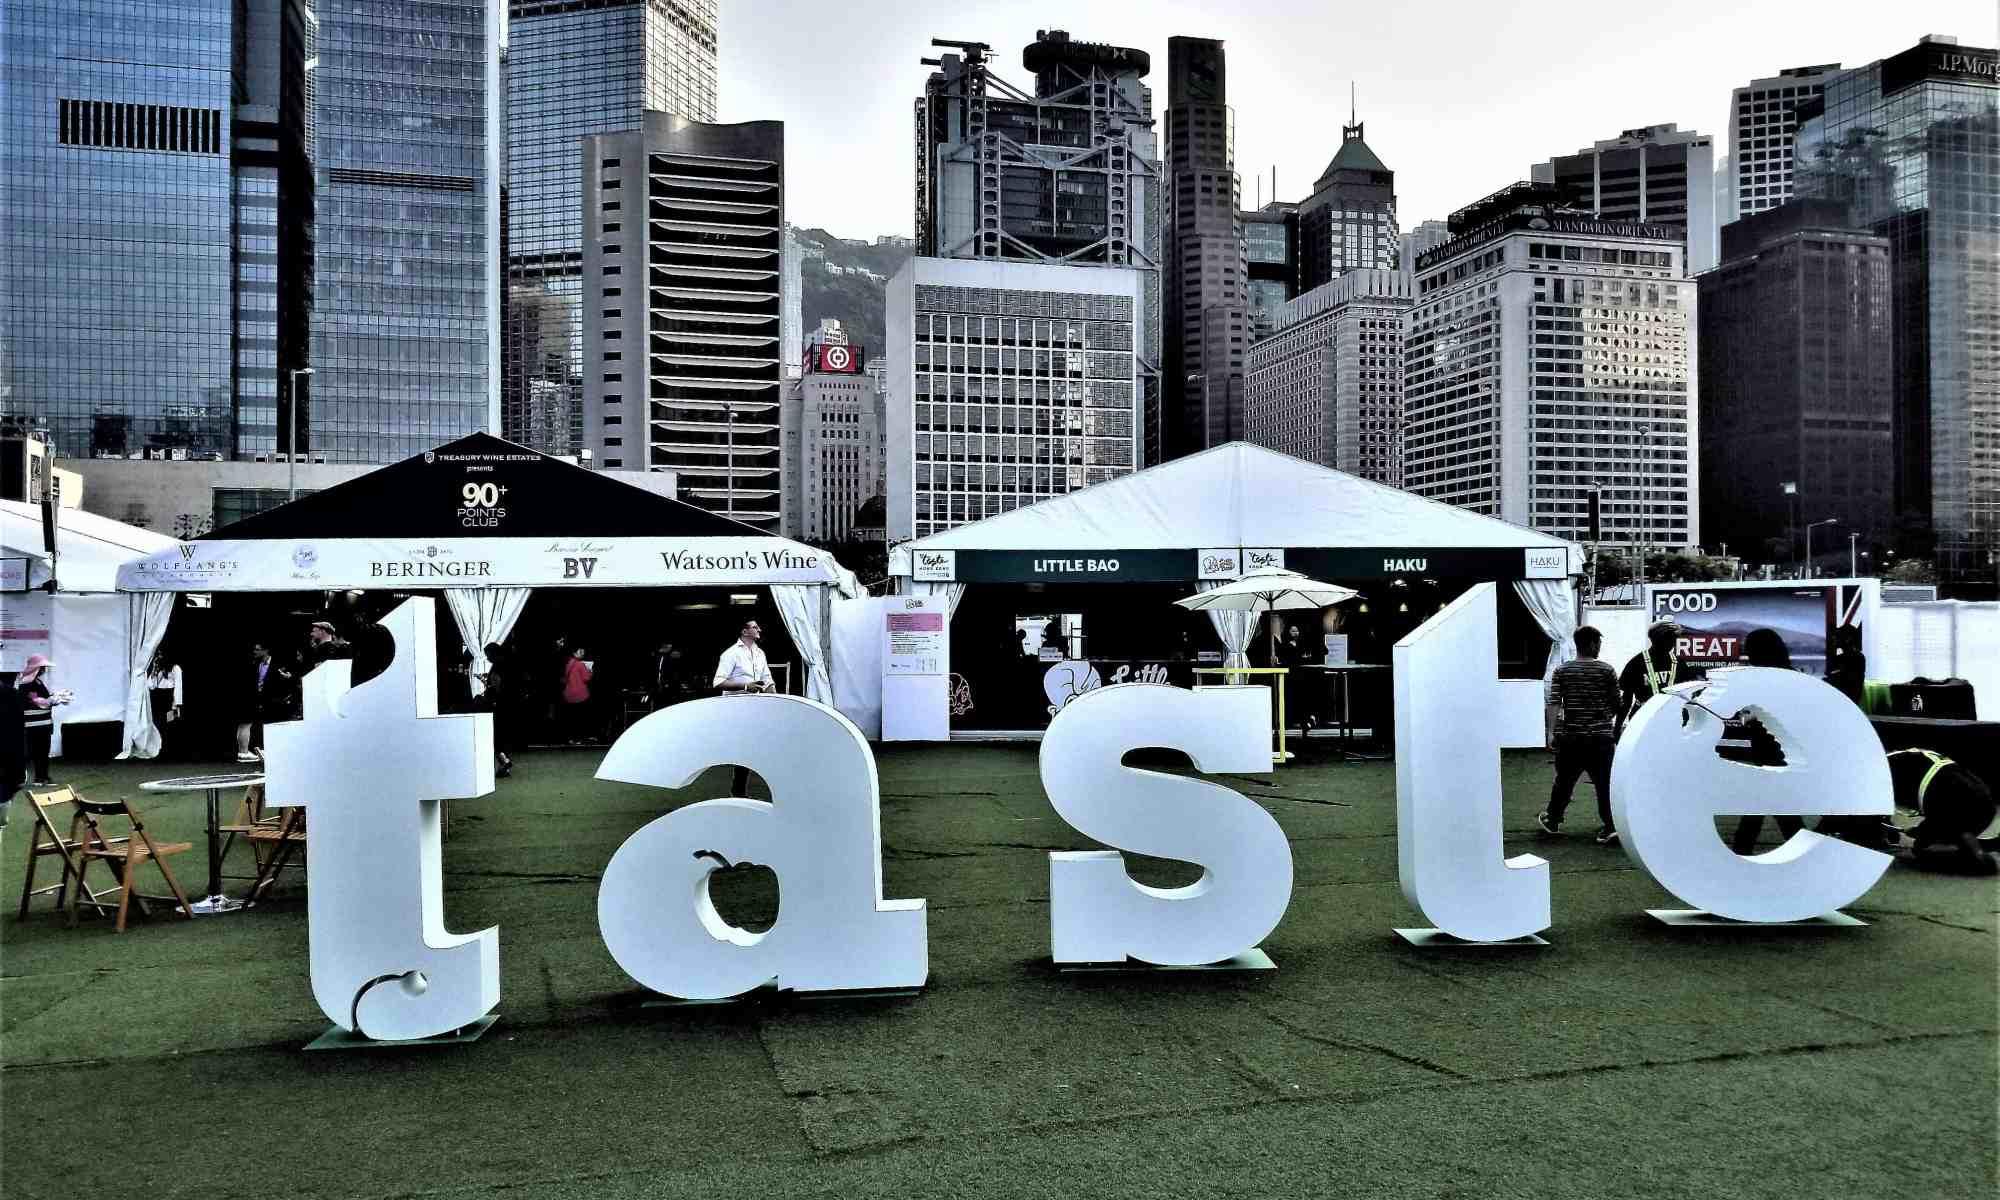 image-of-taste-of-hong-kong-